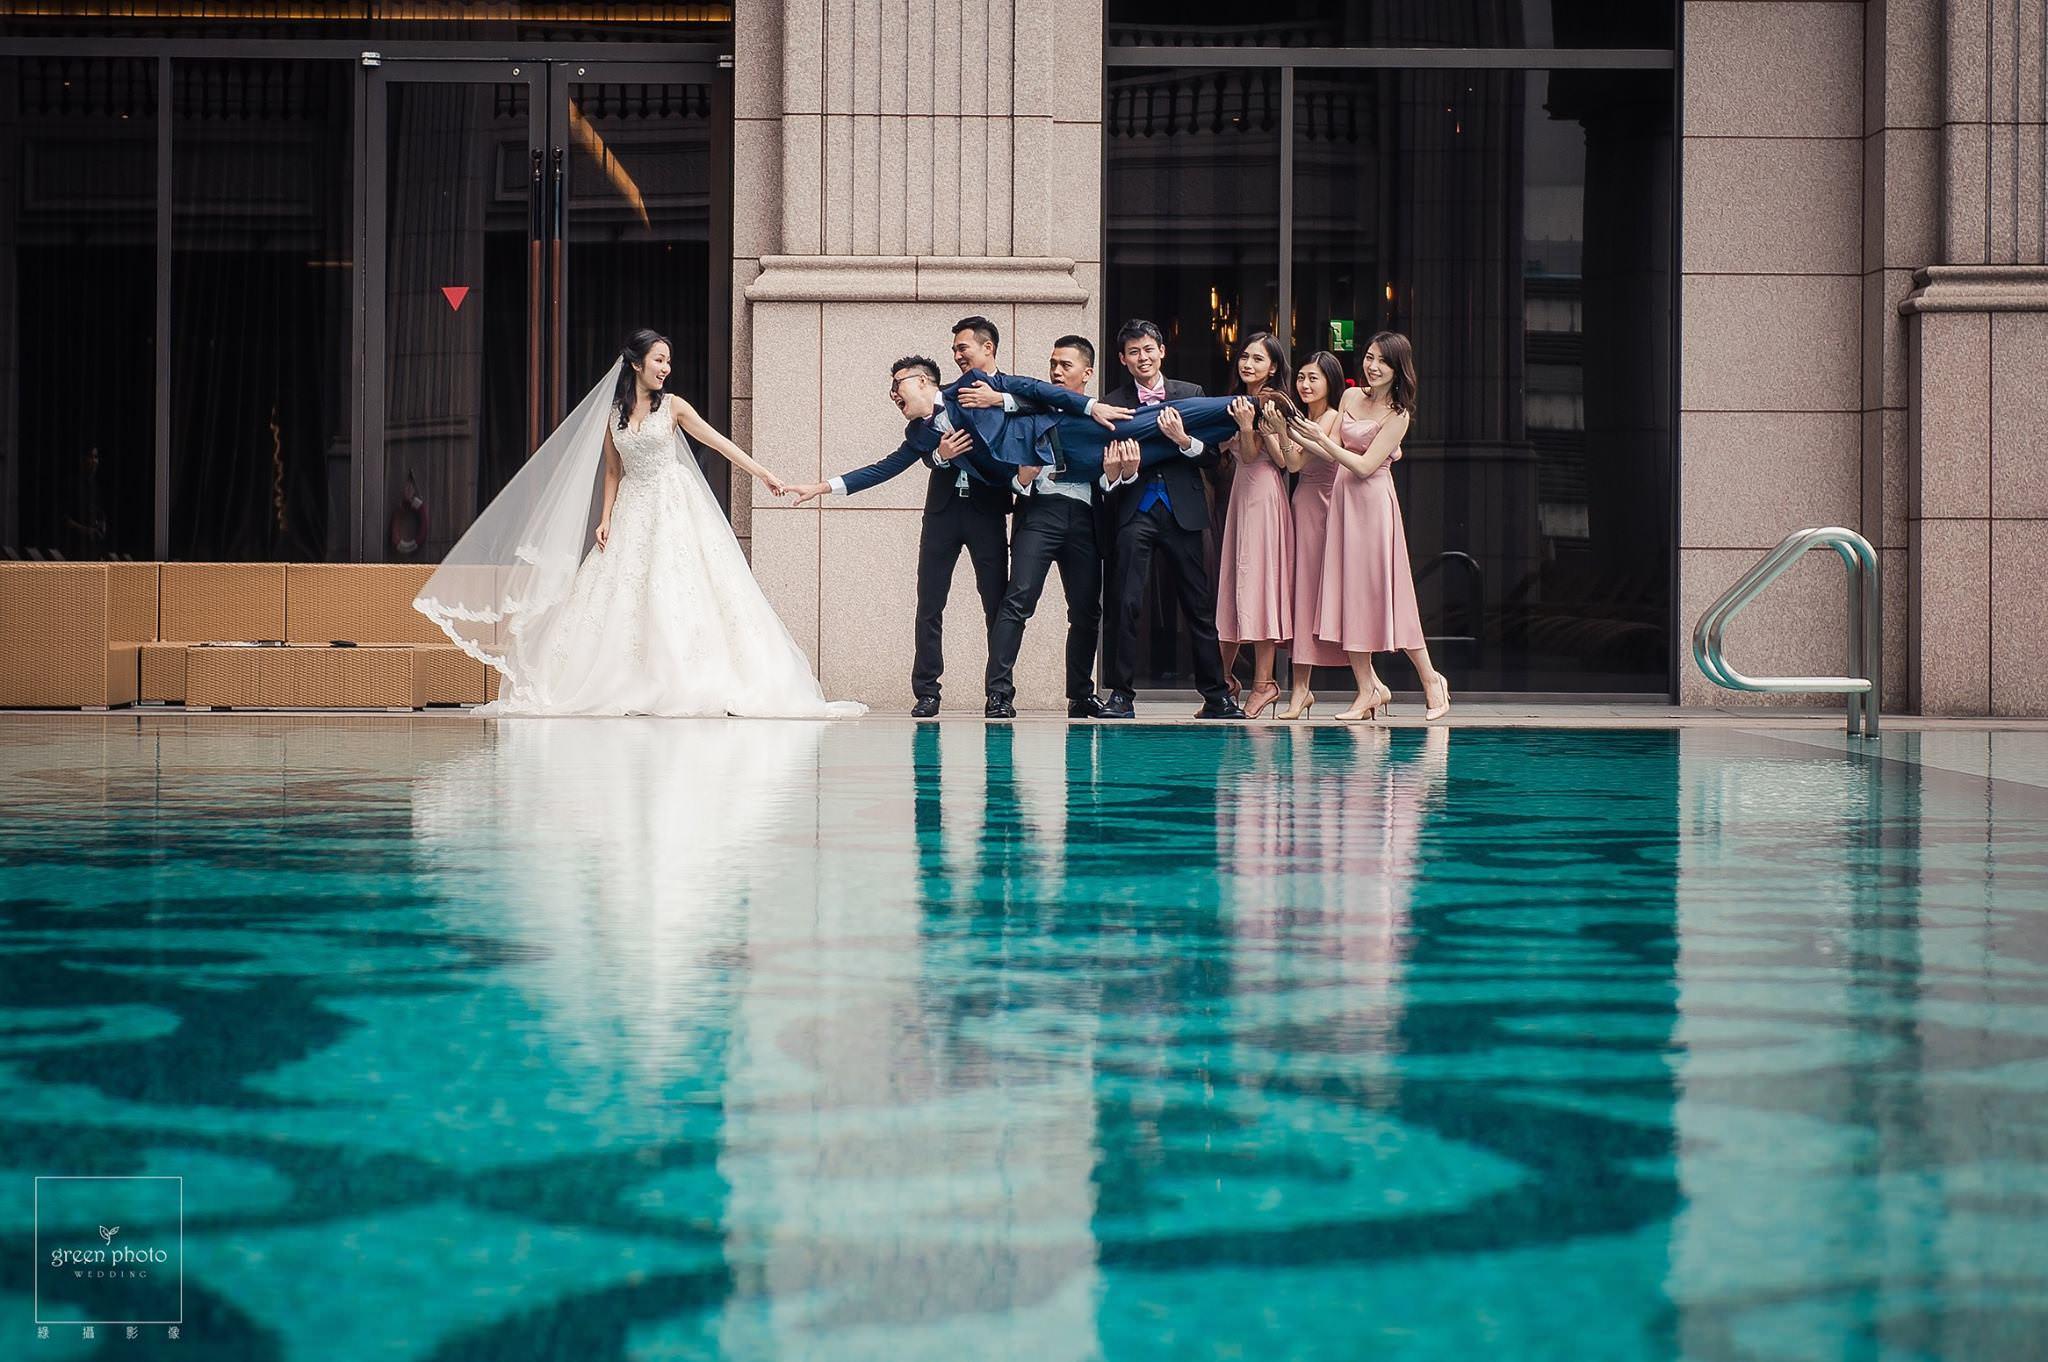 台北美福大飯店_池畔酒吧_婚禮派對2